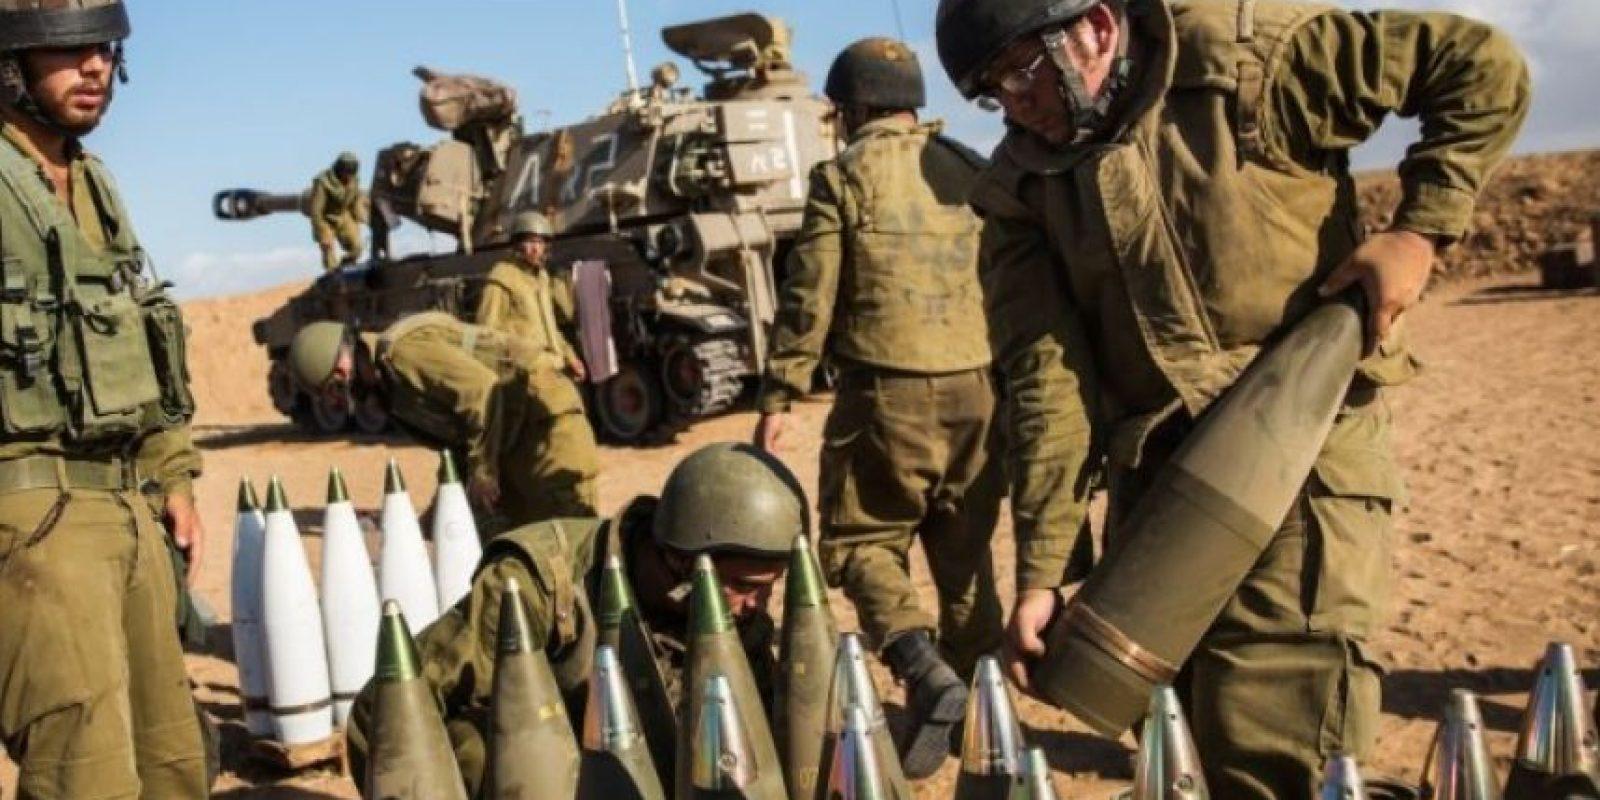 Este año el conflicto entre israelíes y palestinos se ha recrudecido Foto:Getty Images